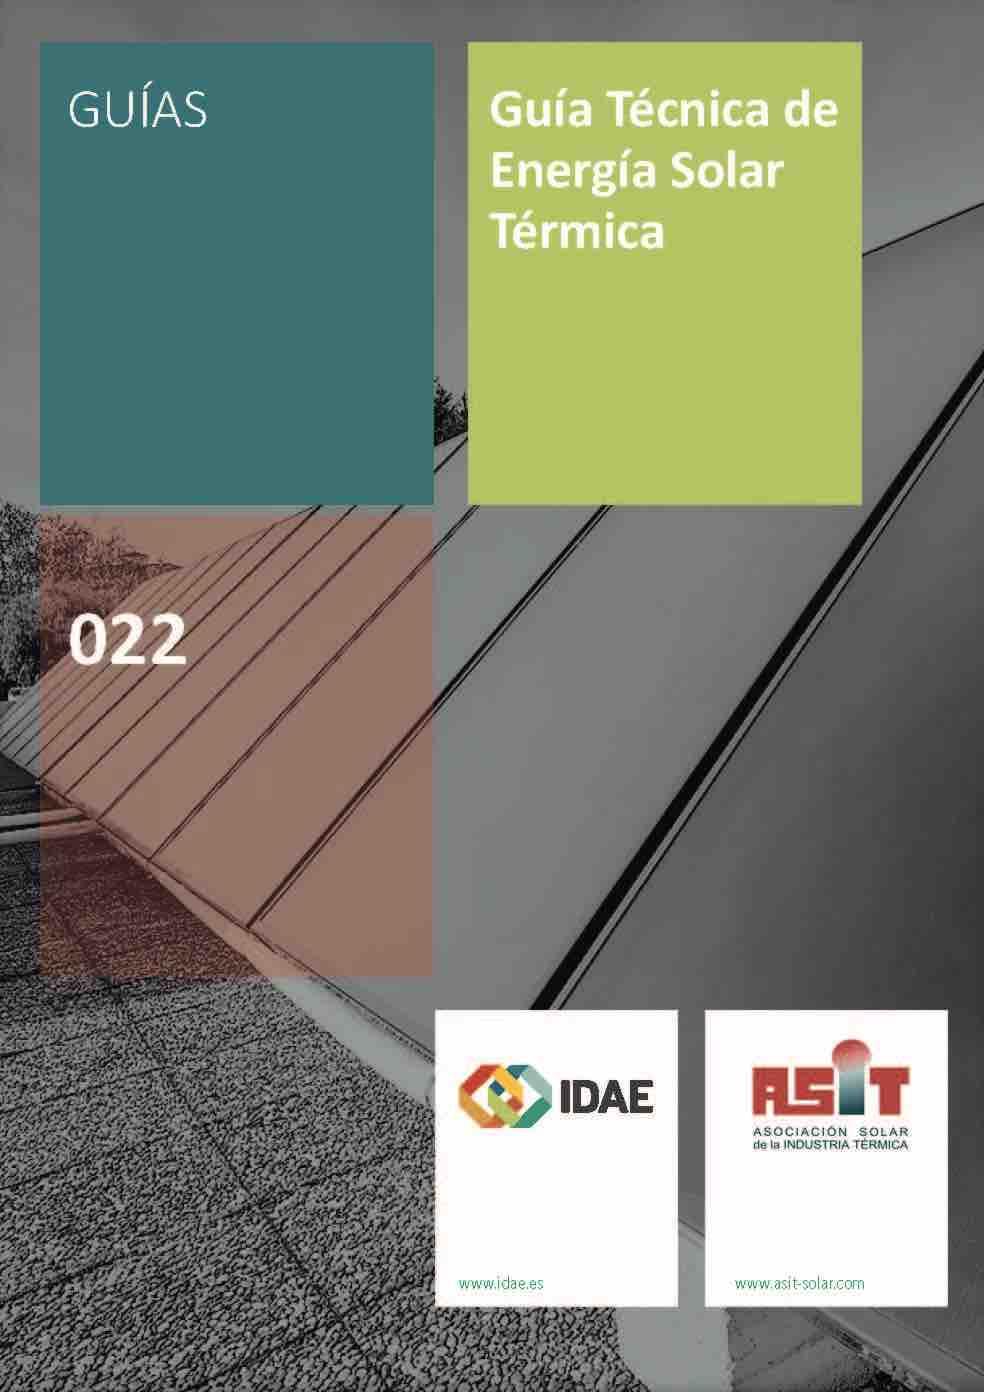 Guía Técnica de Energía Solar Térmica